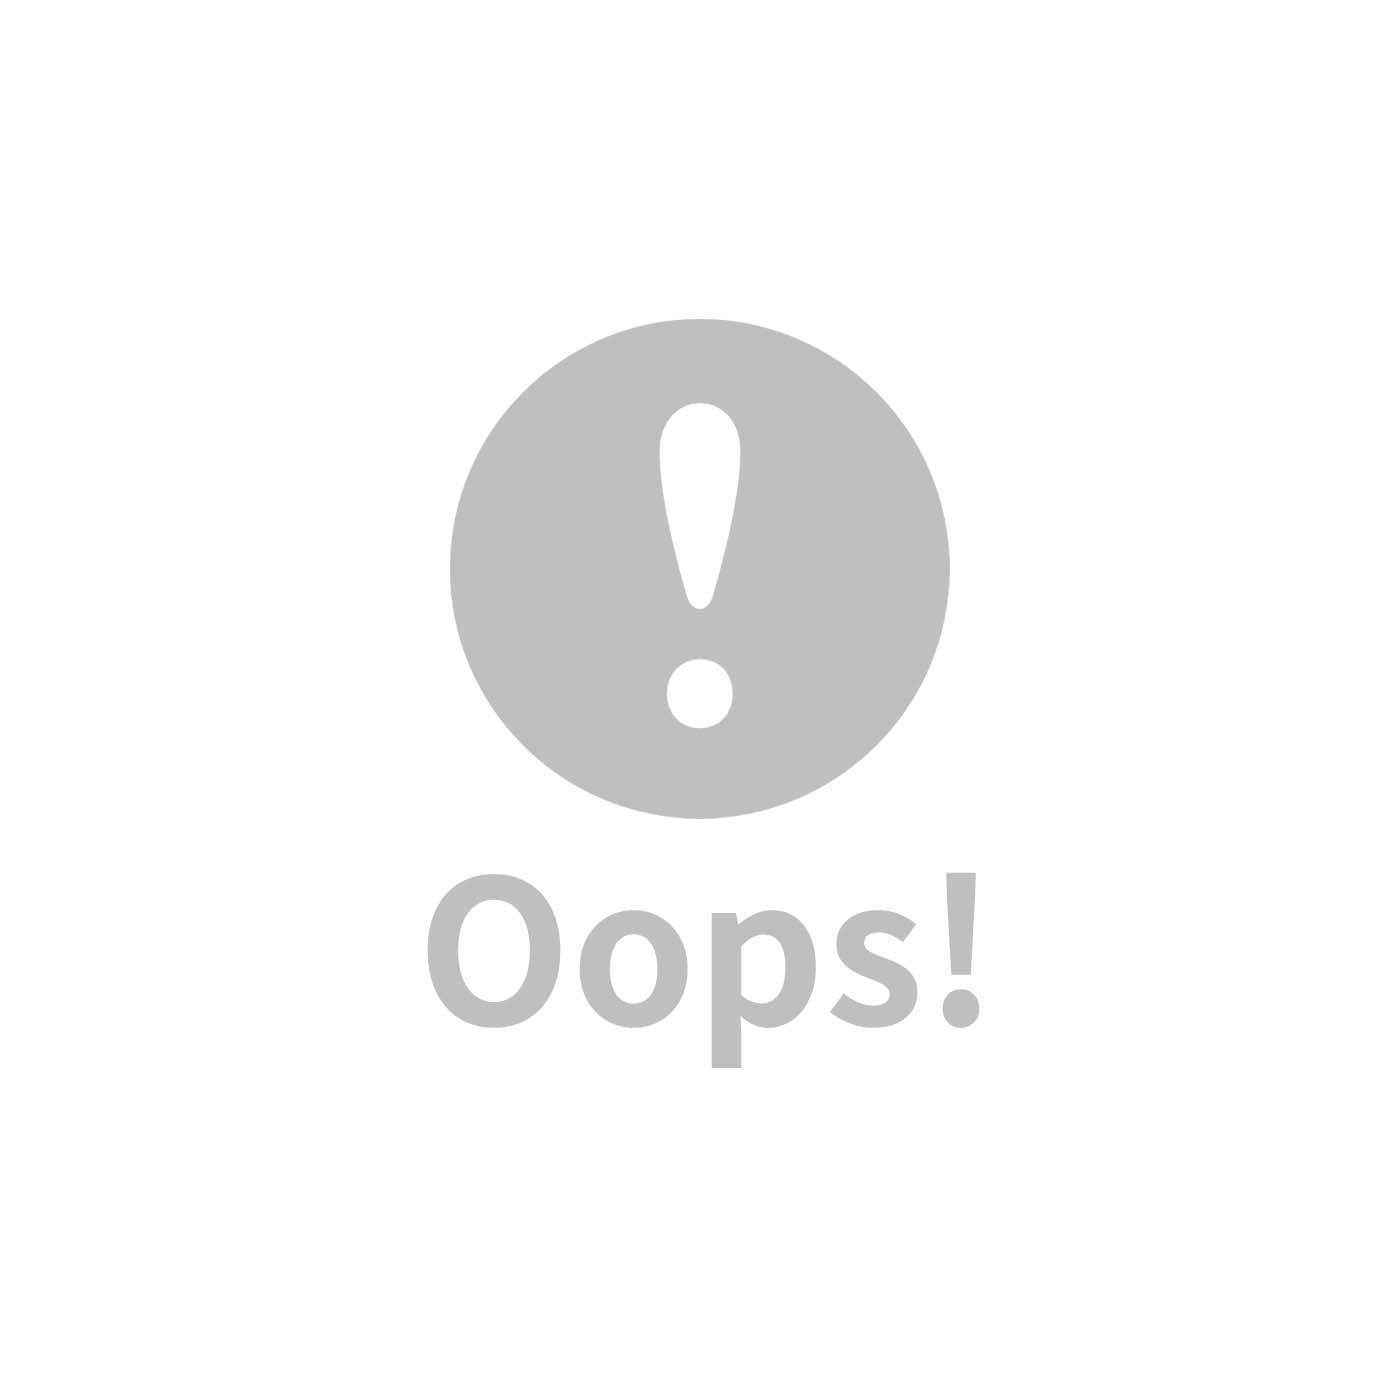 global affairs 童話手工編織安撫玩偶(27cm)-刺蝟漢斯